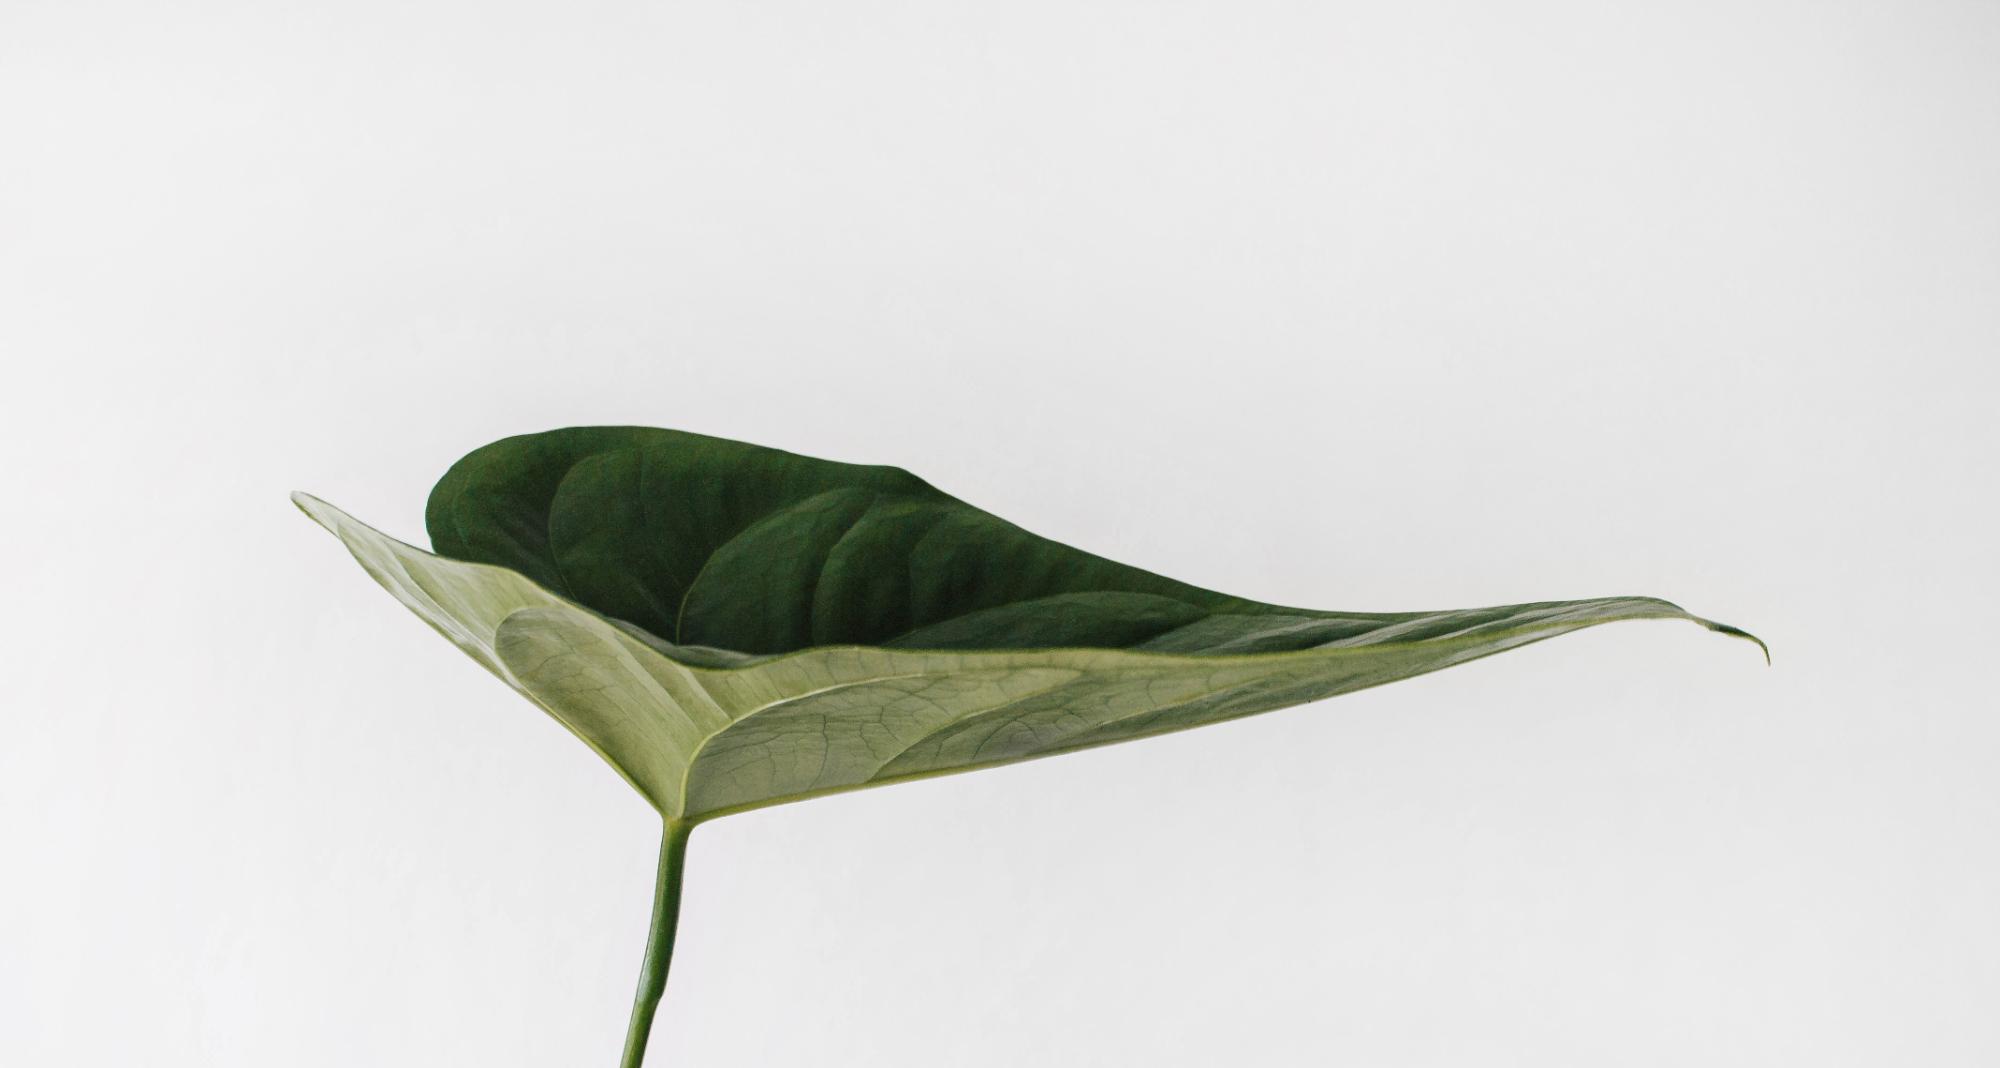 Grünes Blatt mit grauem Hintergrund